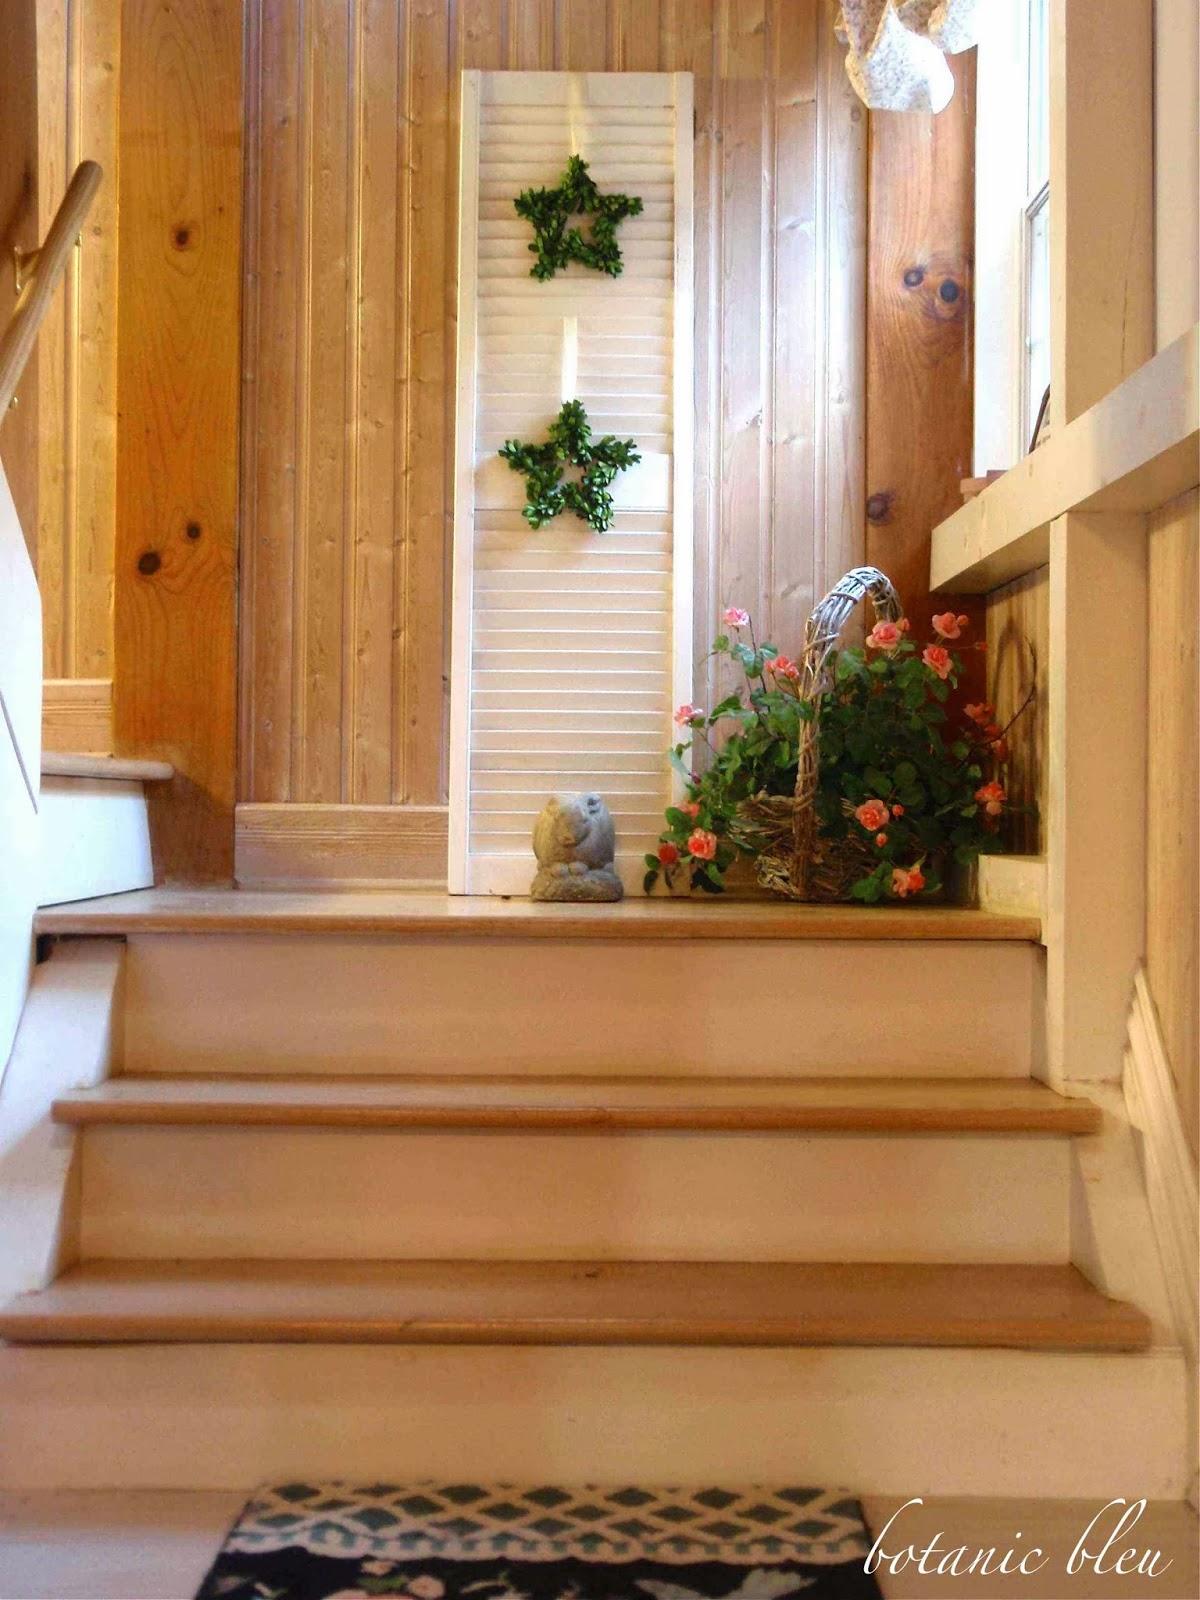 Botanic Bleu Stairwell Tour Dream House